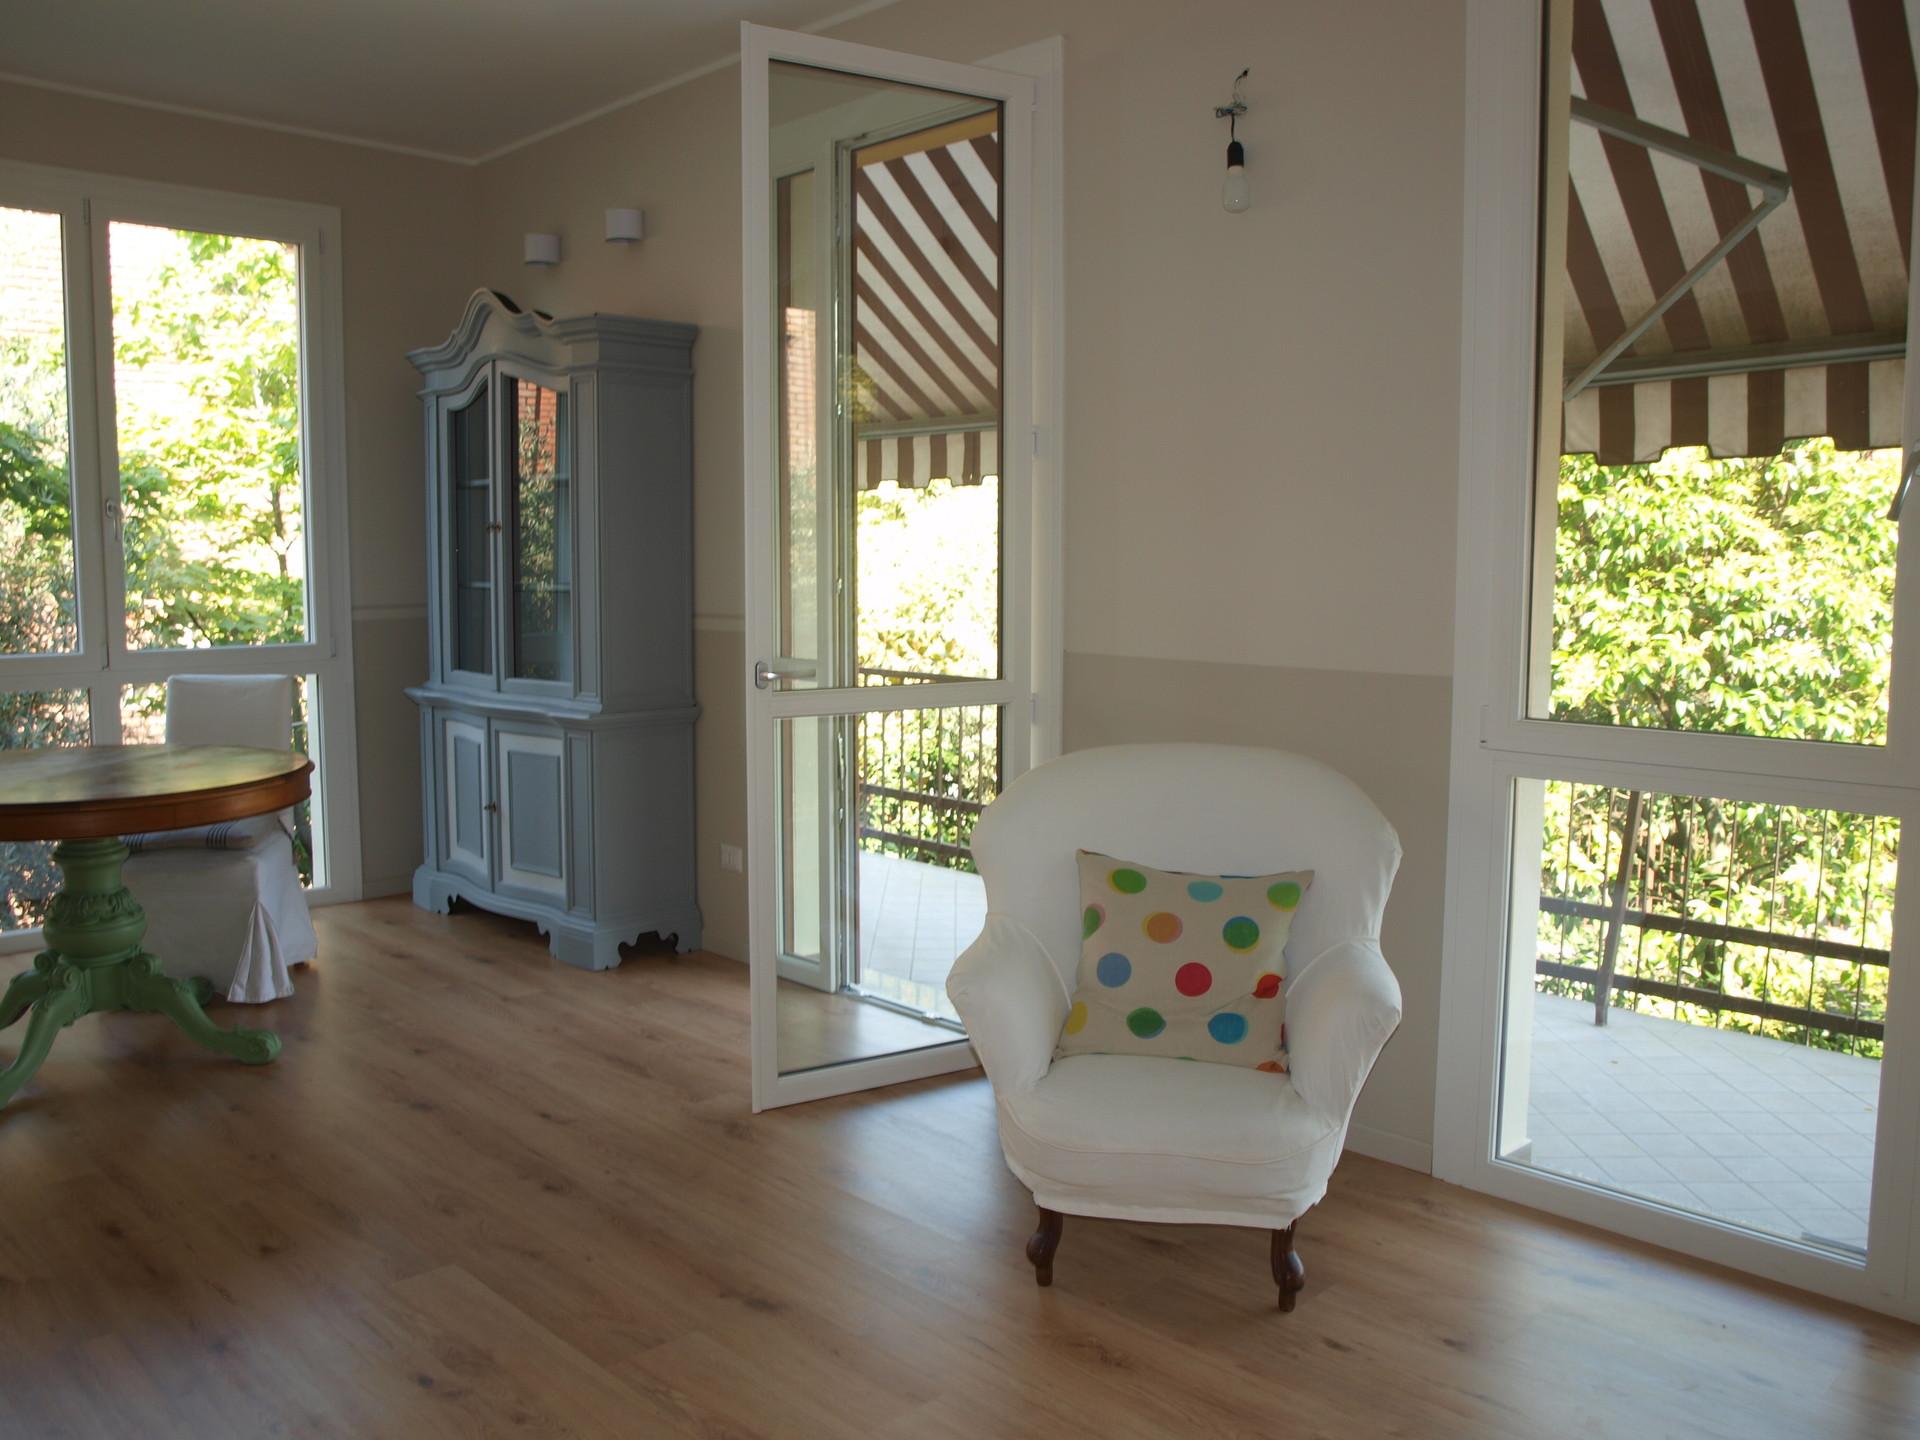 Camere nel verde in casa condivisa alle porte di Milano   Stanze in ...